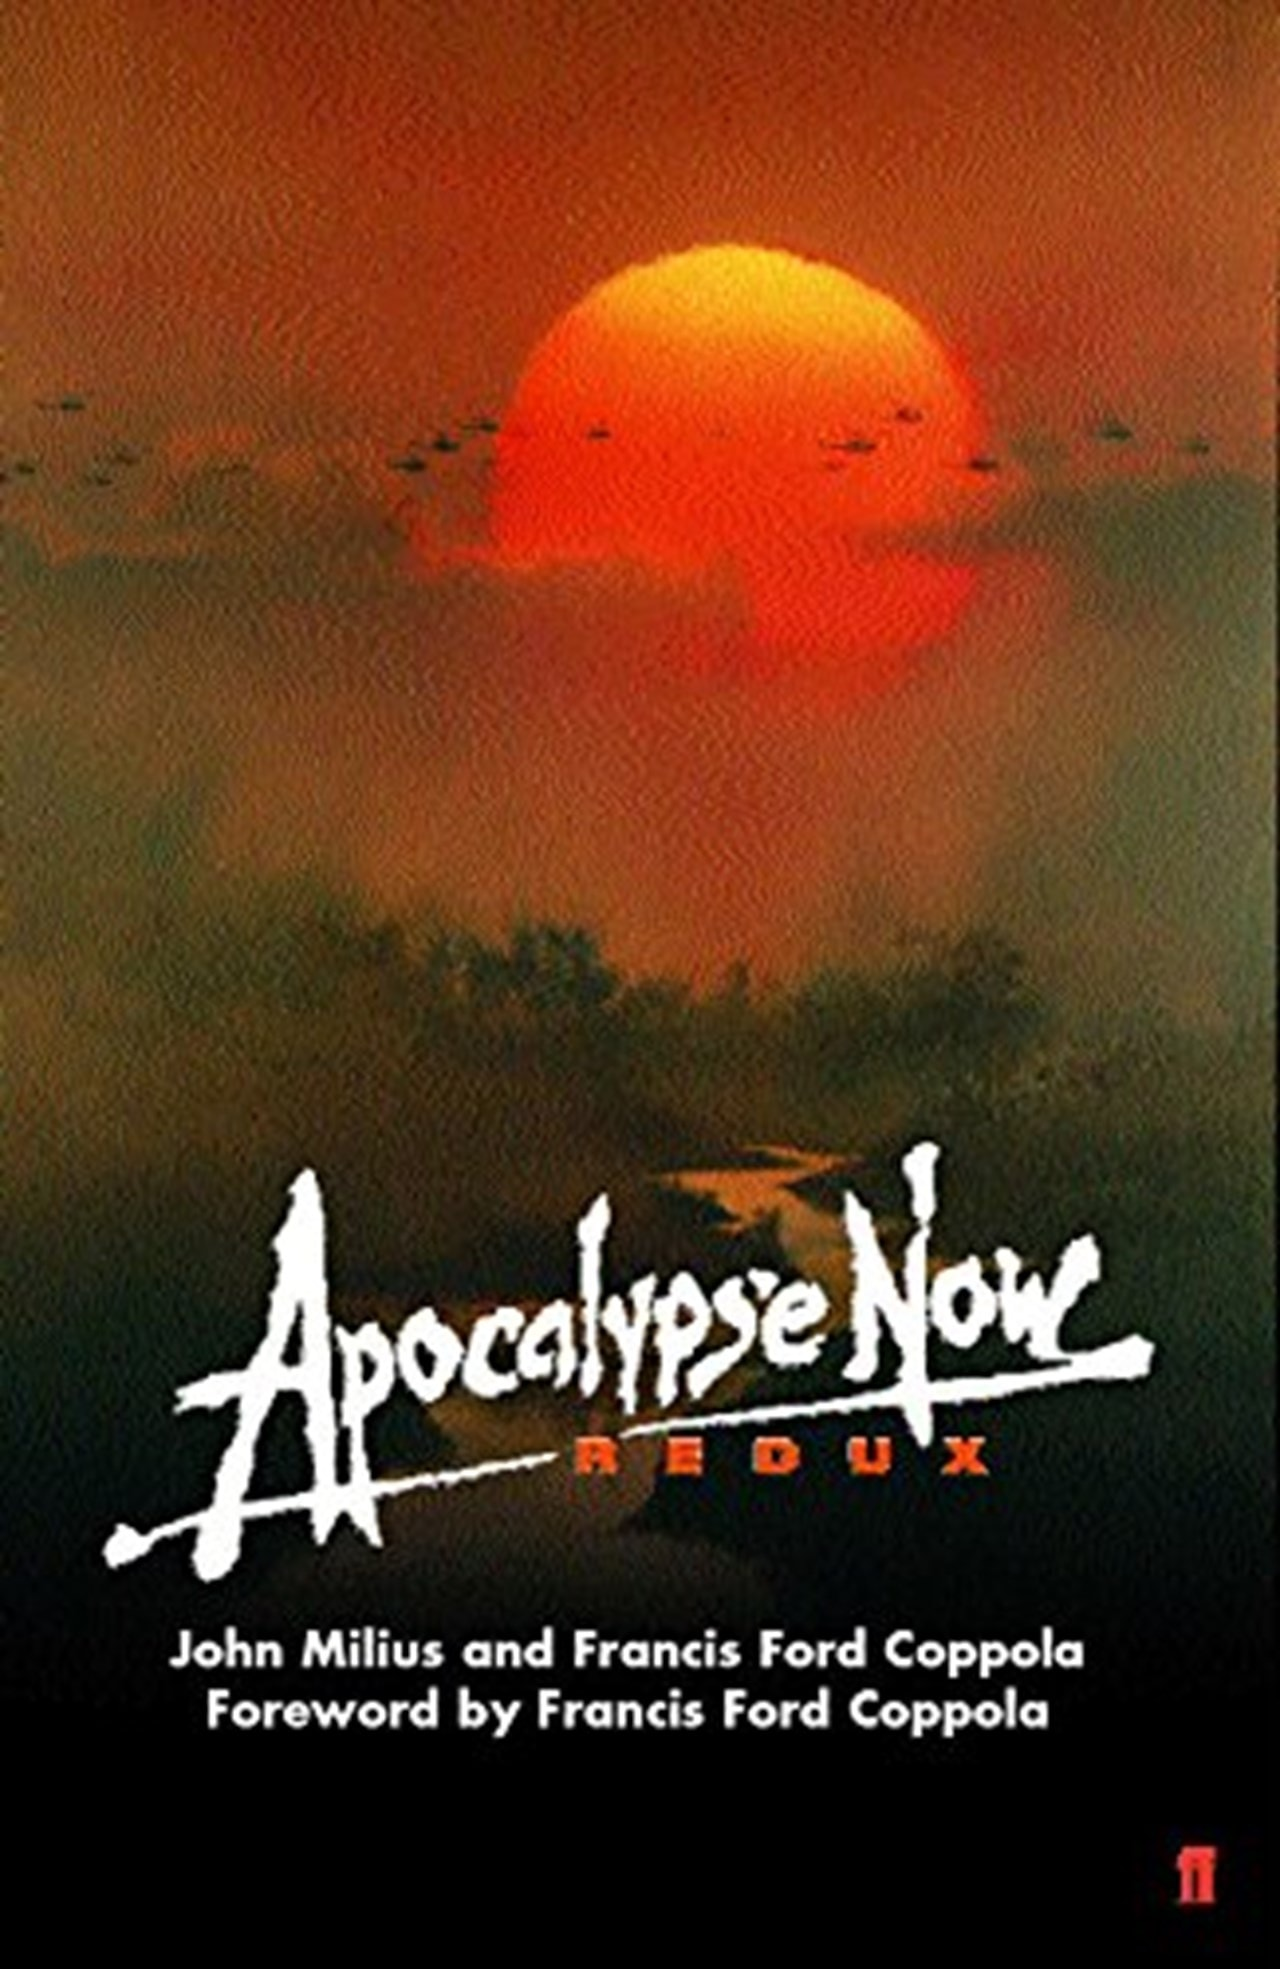 Apocalypse Now Redux - 1